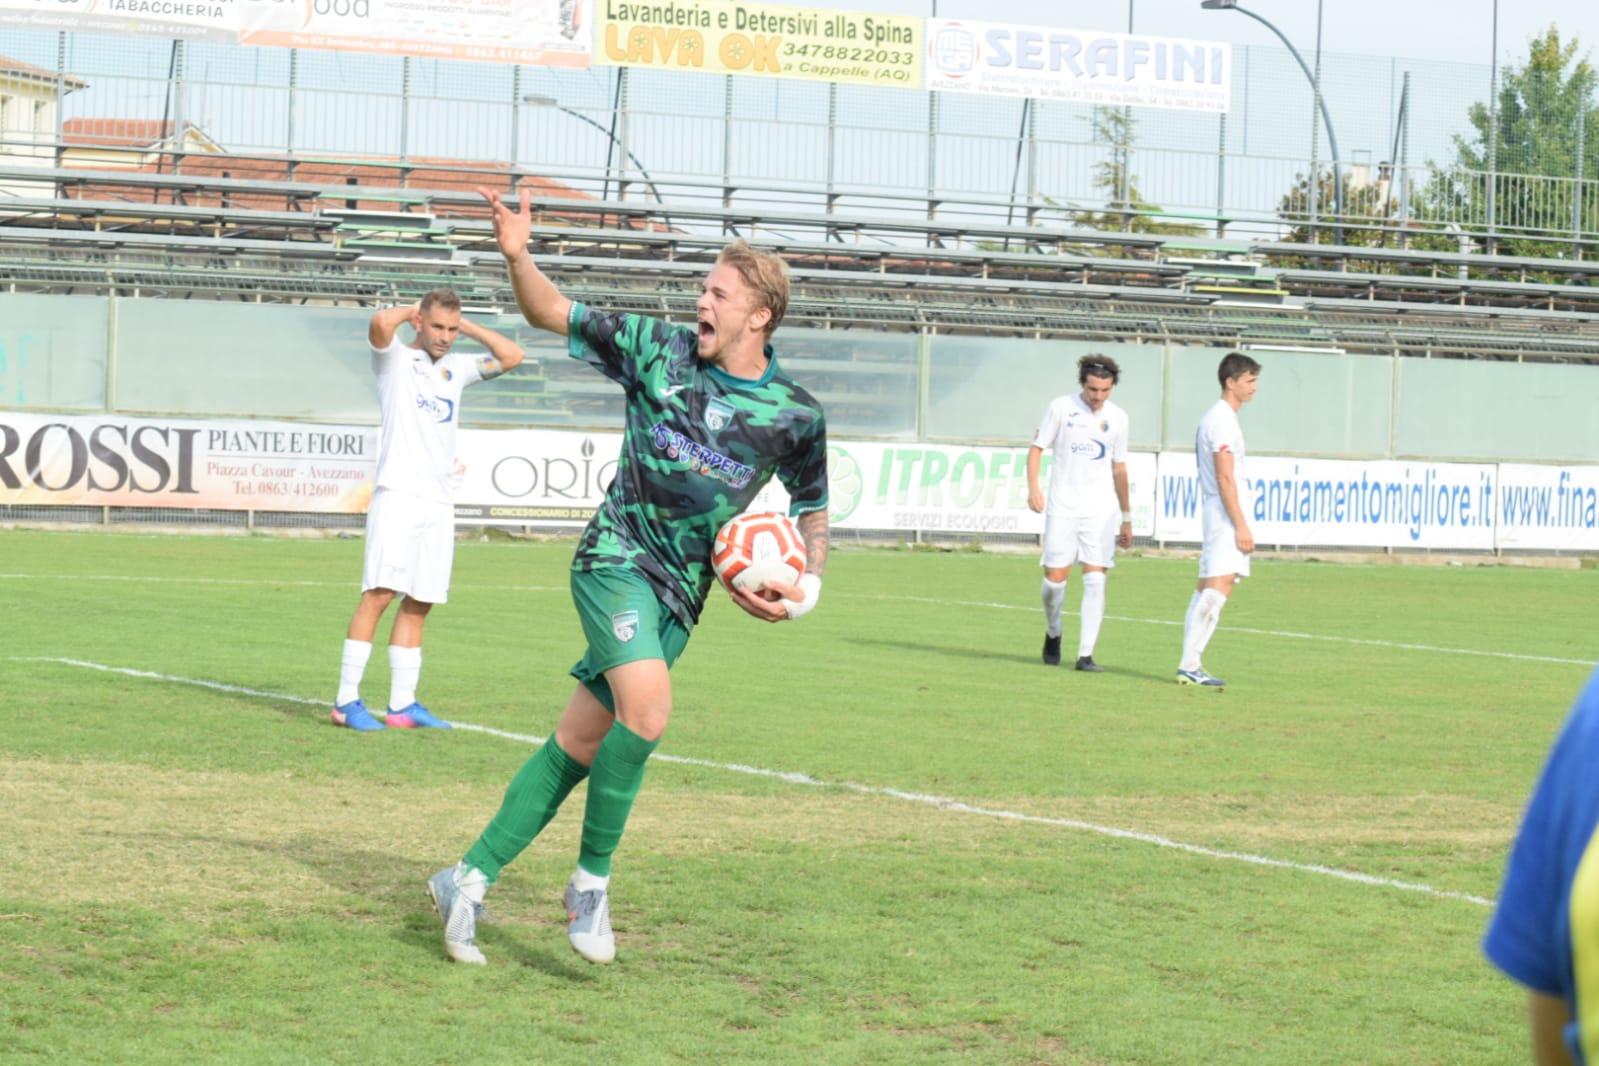 Succede di tutto all'Avezzano Calcio: prestazione deludente e sconfitta ad Agnone, Franchi fuori rosa e ritorno di Di Curzio